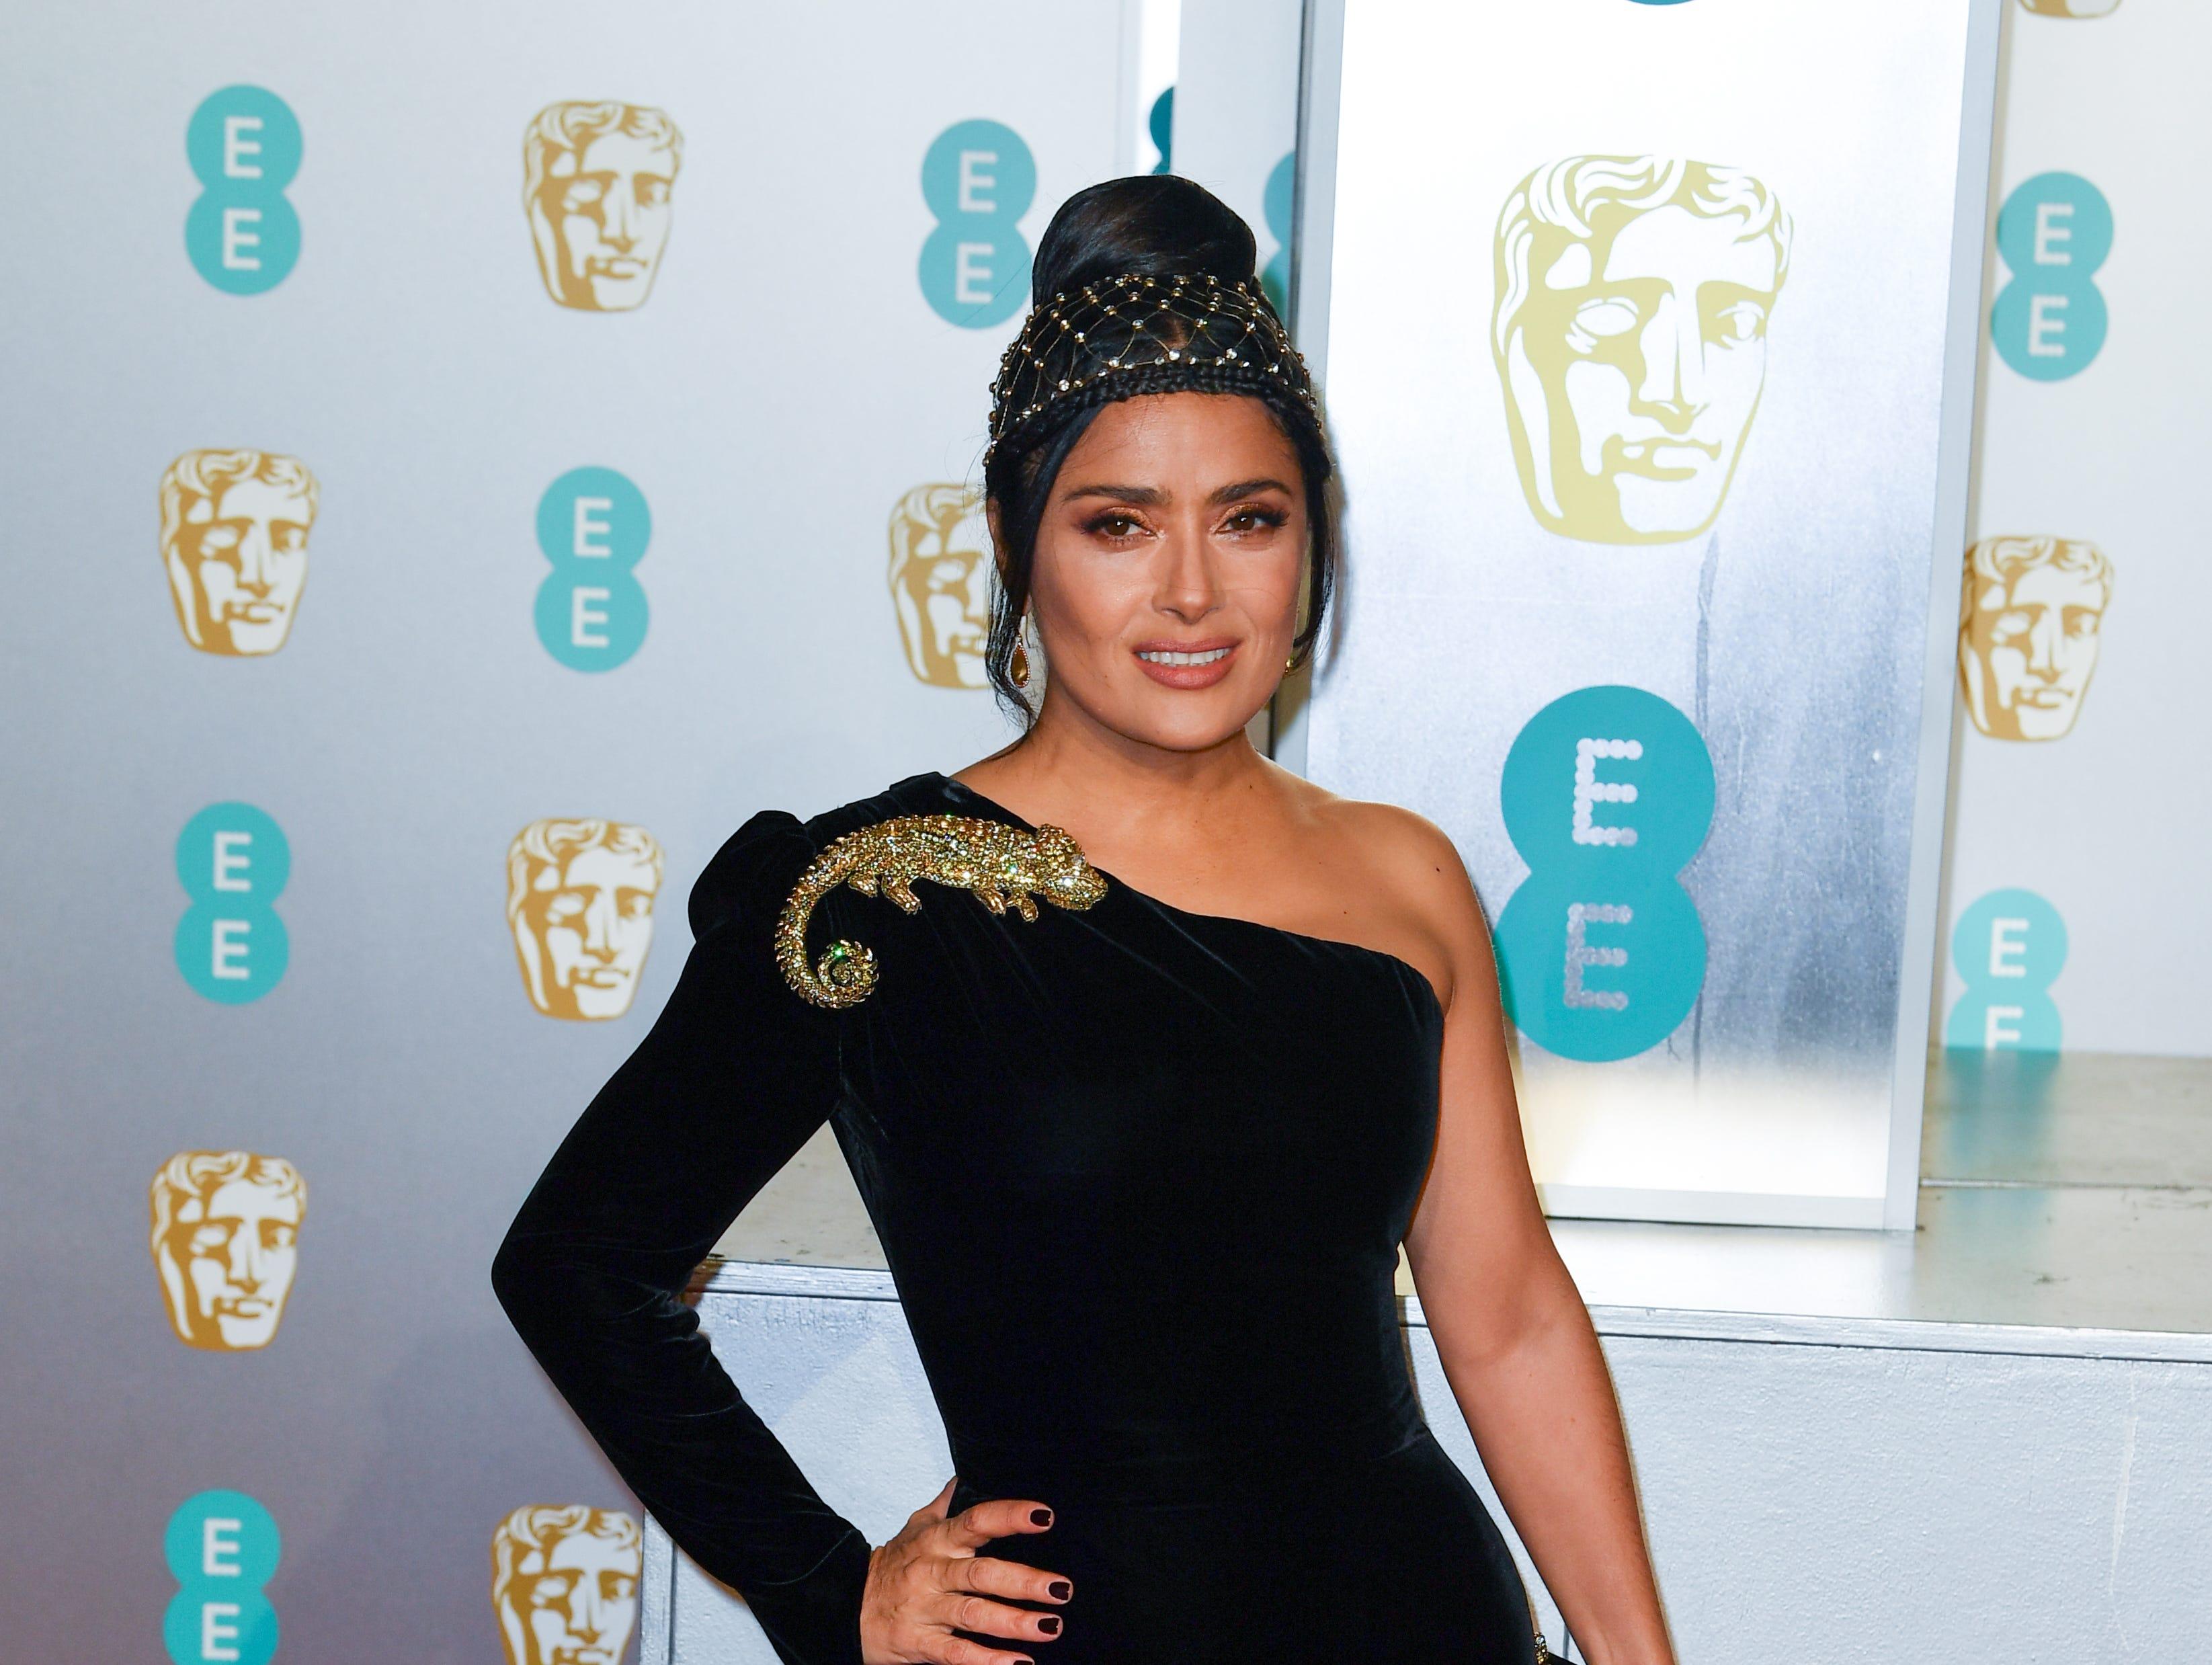 Salma Hayek a su llegada a la alfombra roja de los Premios de la Academia Británica de Cine BAFTA en el Royal Albert Hall en Londres el 10 de febrero de 2019.